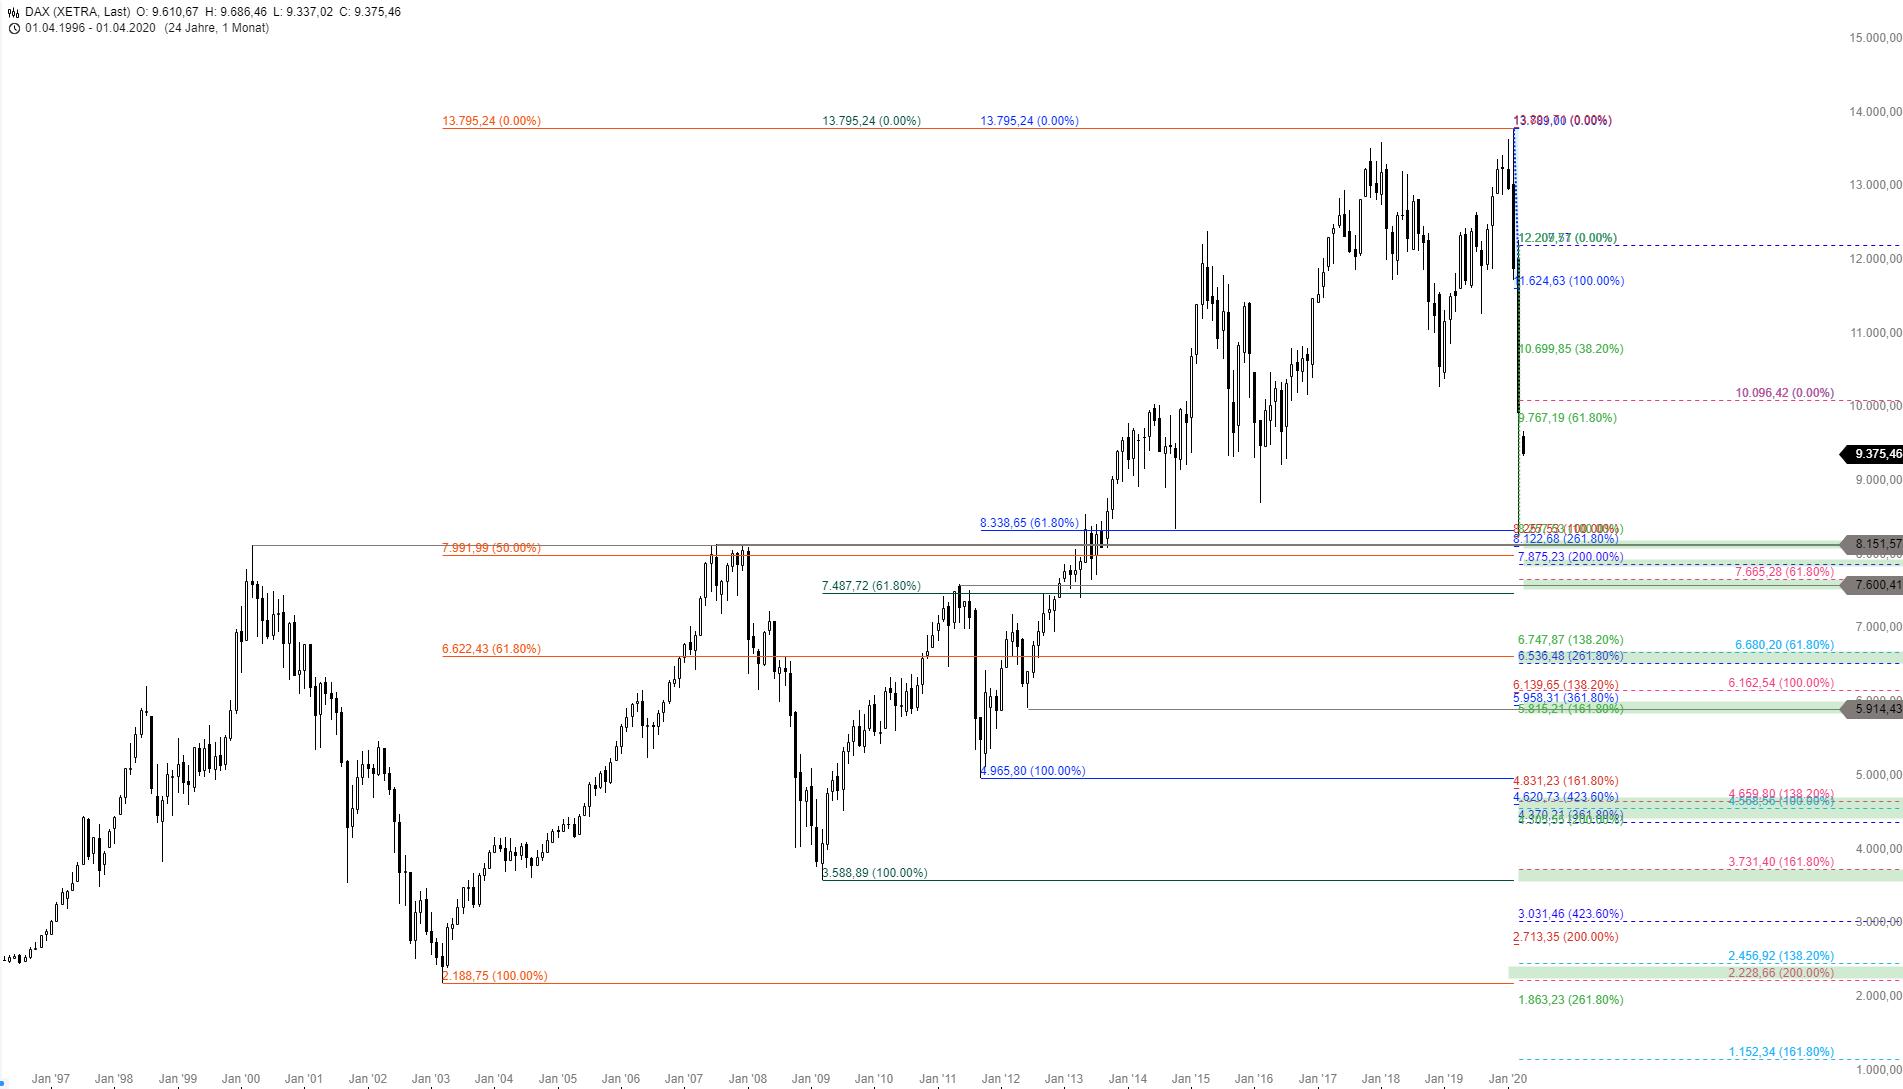 DAX-Die-großen-Crash-Ziele-aus-Fibonacci-Sicht-Chartanalyse-Thomas-May-GodmodeTrader.de-1